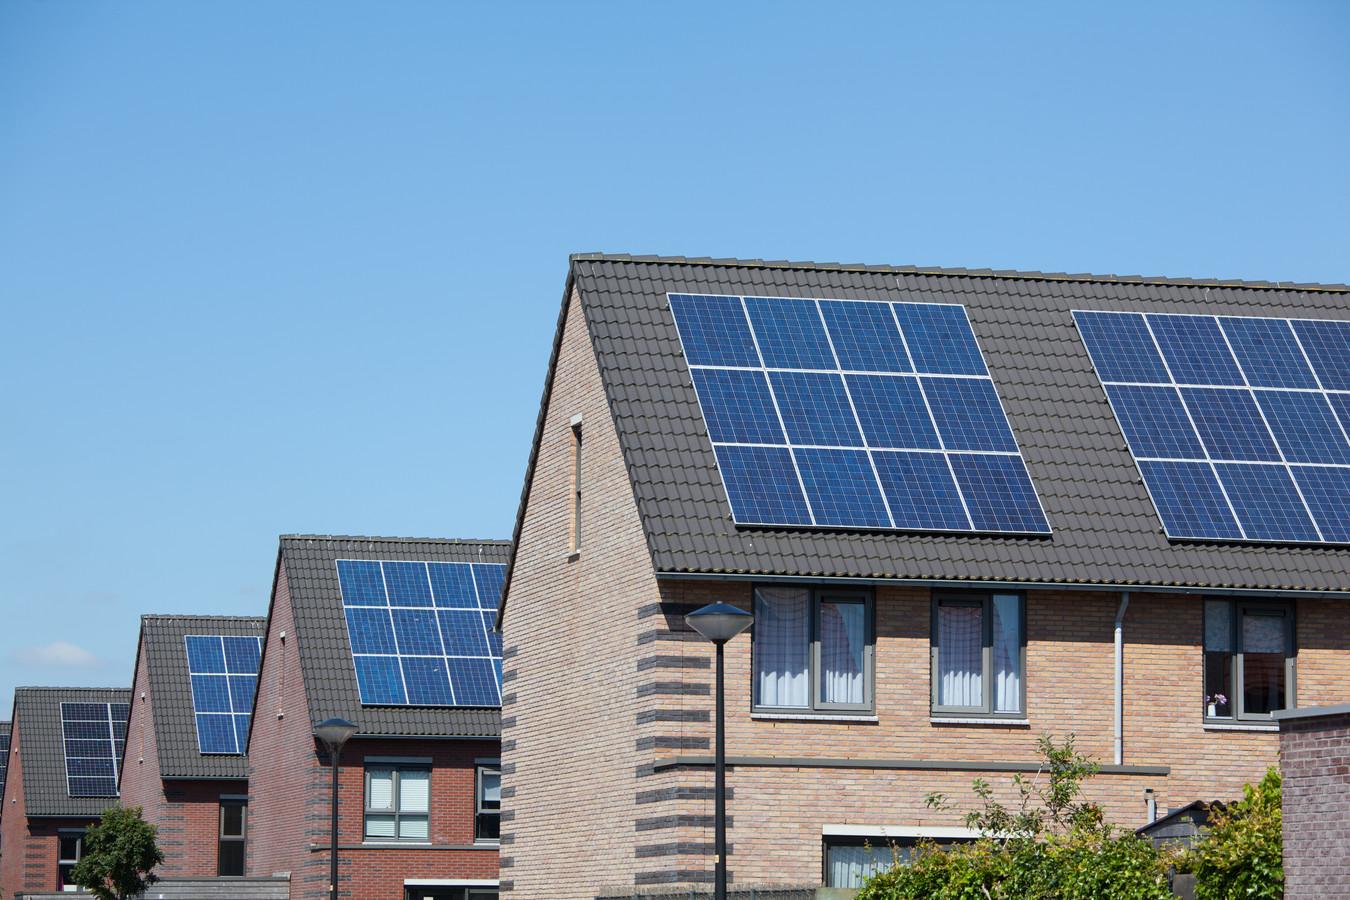 Zonnepanelen zijn steeds beter zichtbaar in de samenleving, aangezien al één op de acht huizen panelen op het dak heeft liggen.